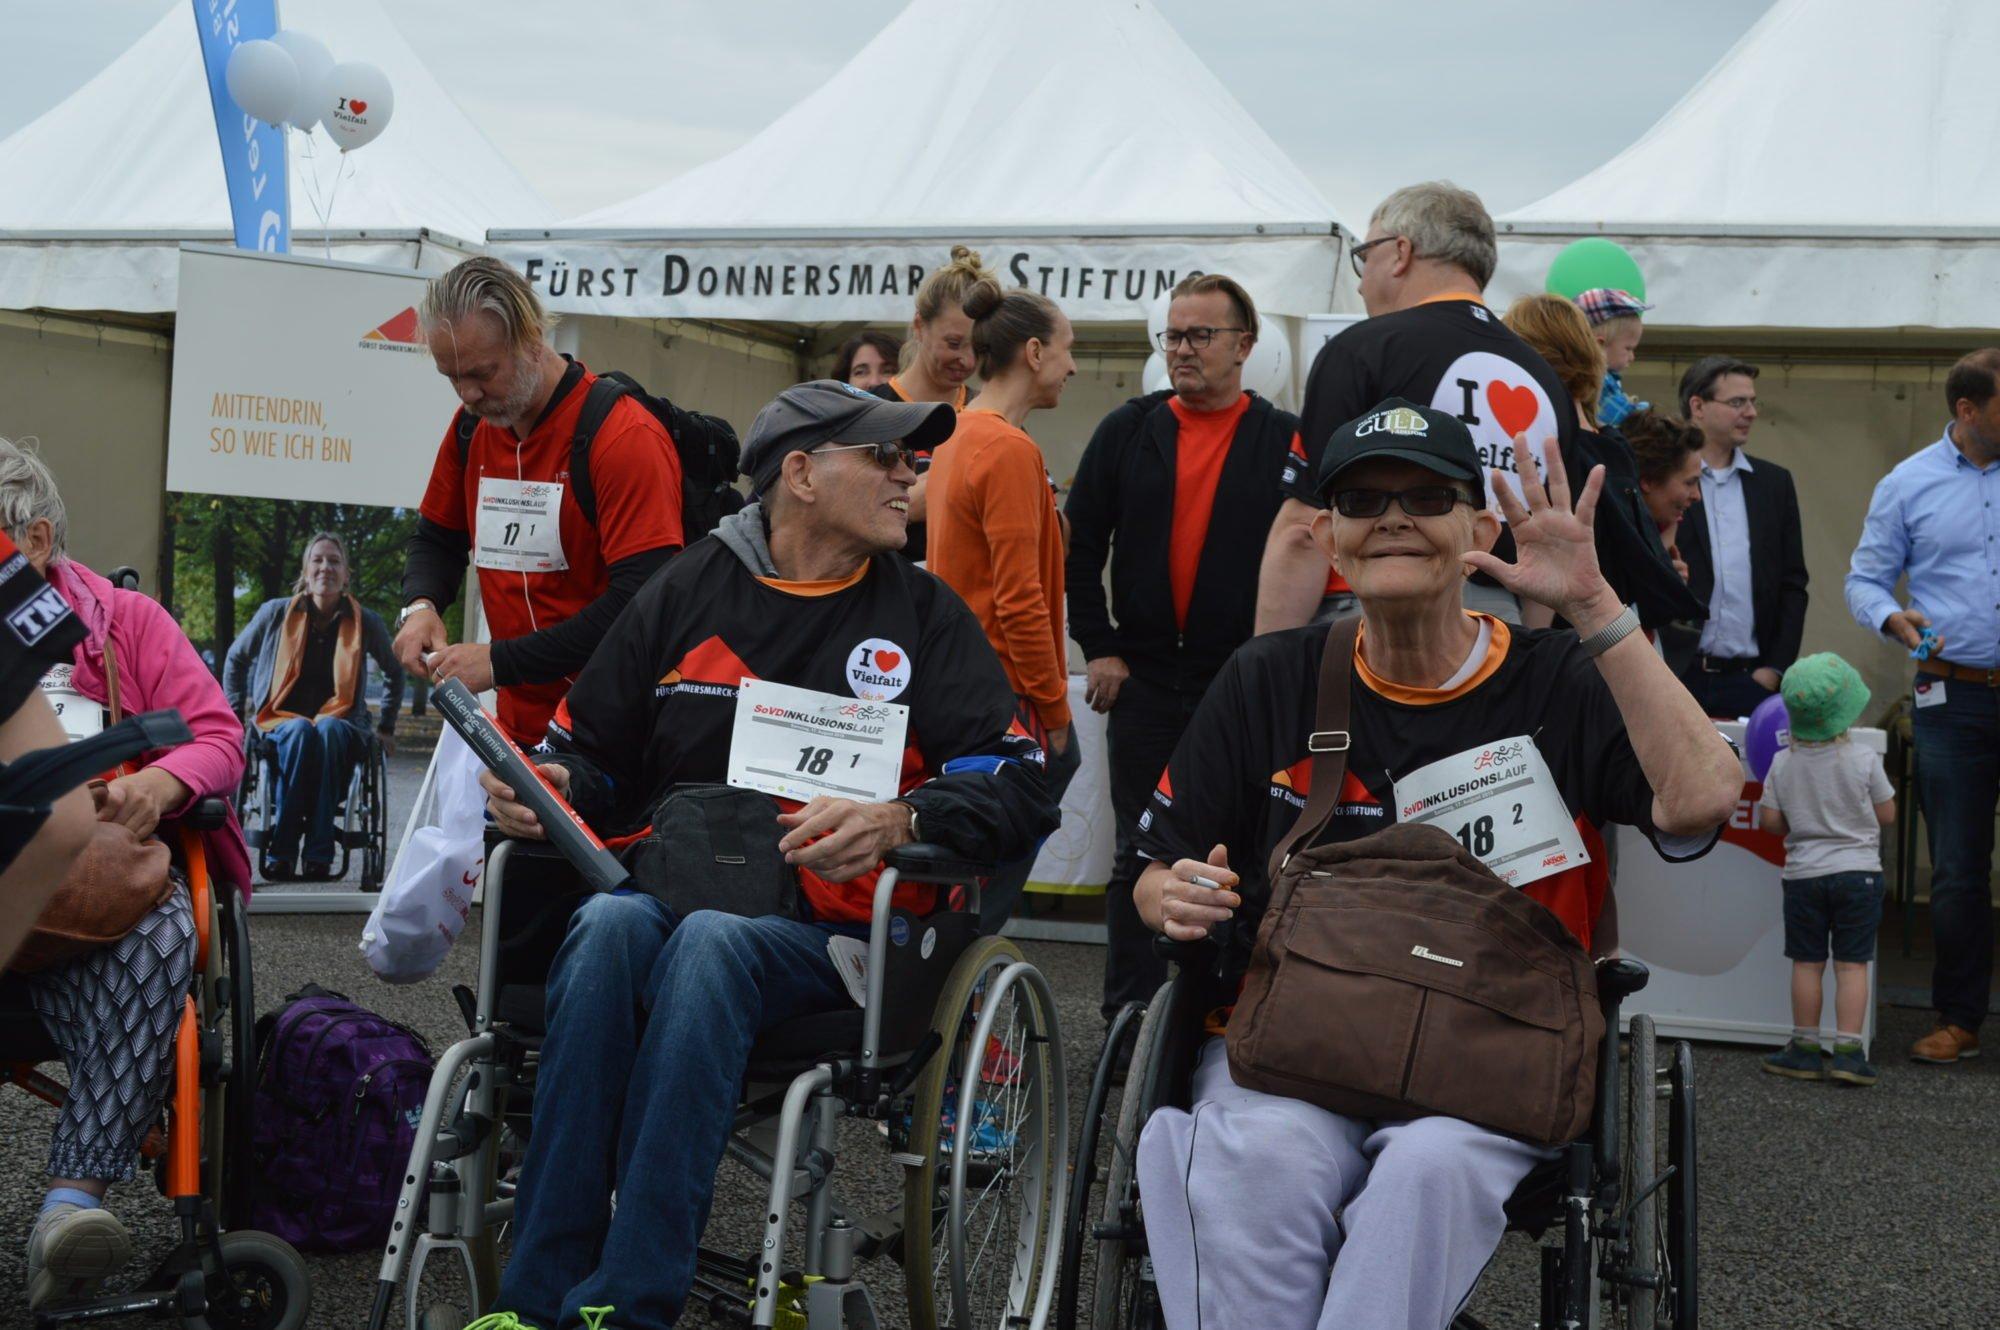 Rollstuhlfahrer und fahrerin vor dem Zelt der FDST, die Rollifahrerin winkt Richtung Kamera.